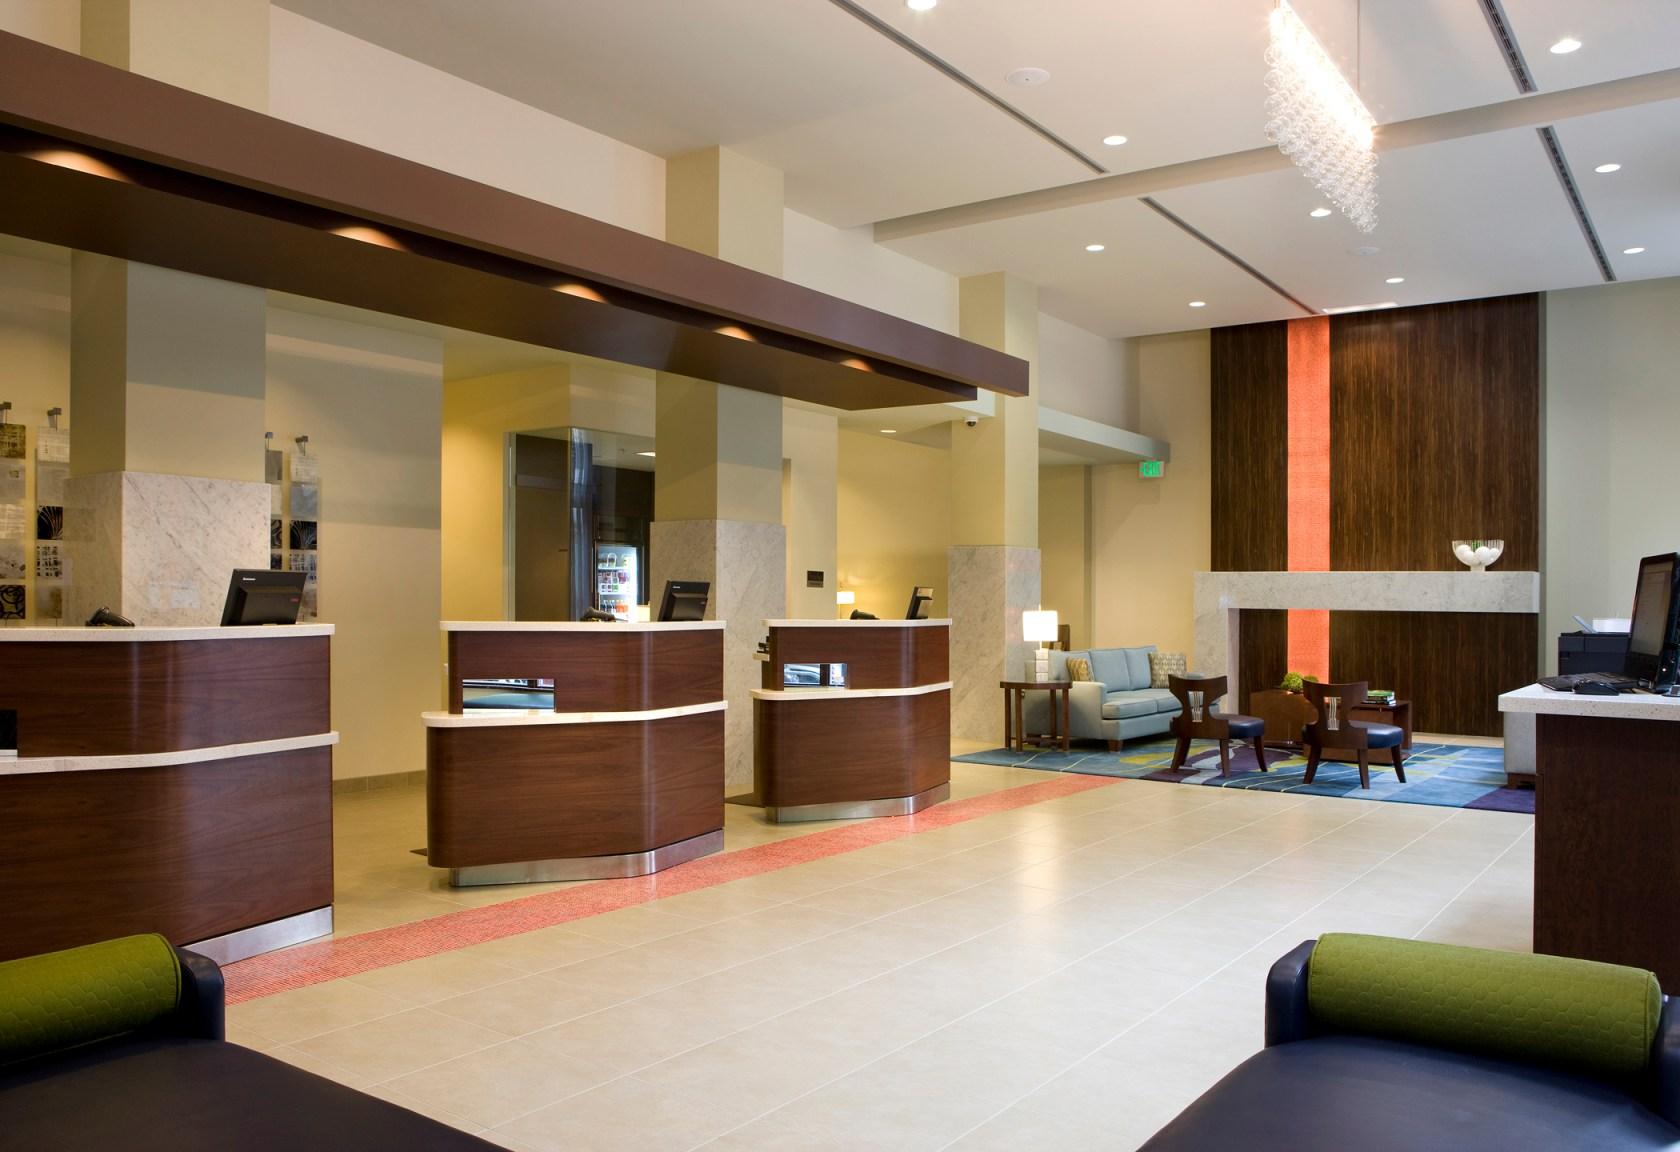 Alaska Building - Marriott Hotel Architizer